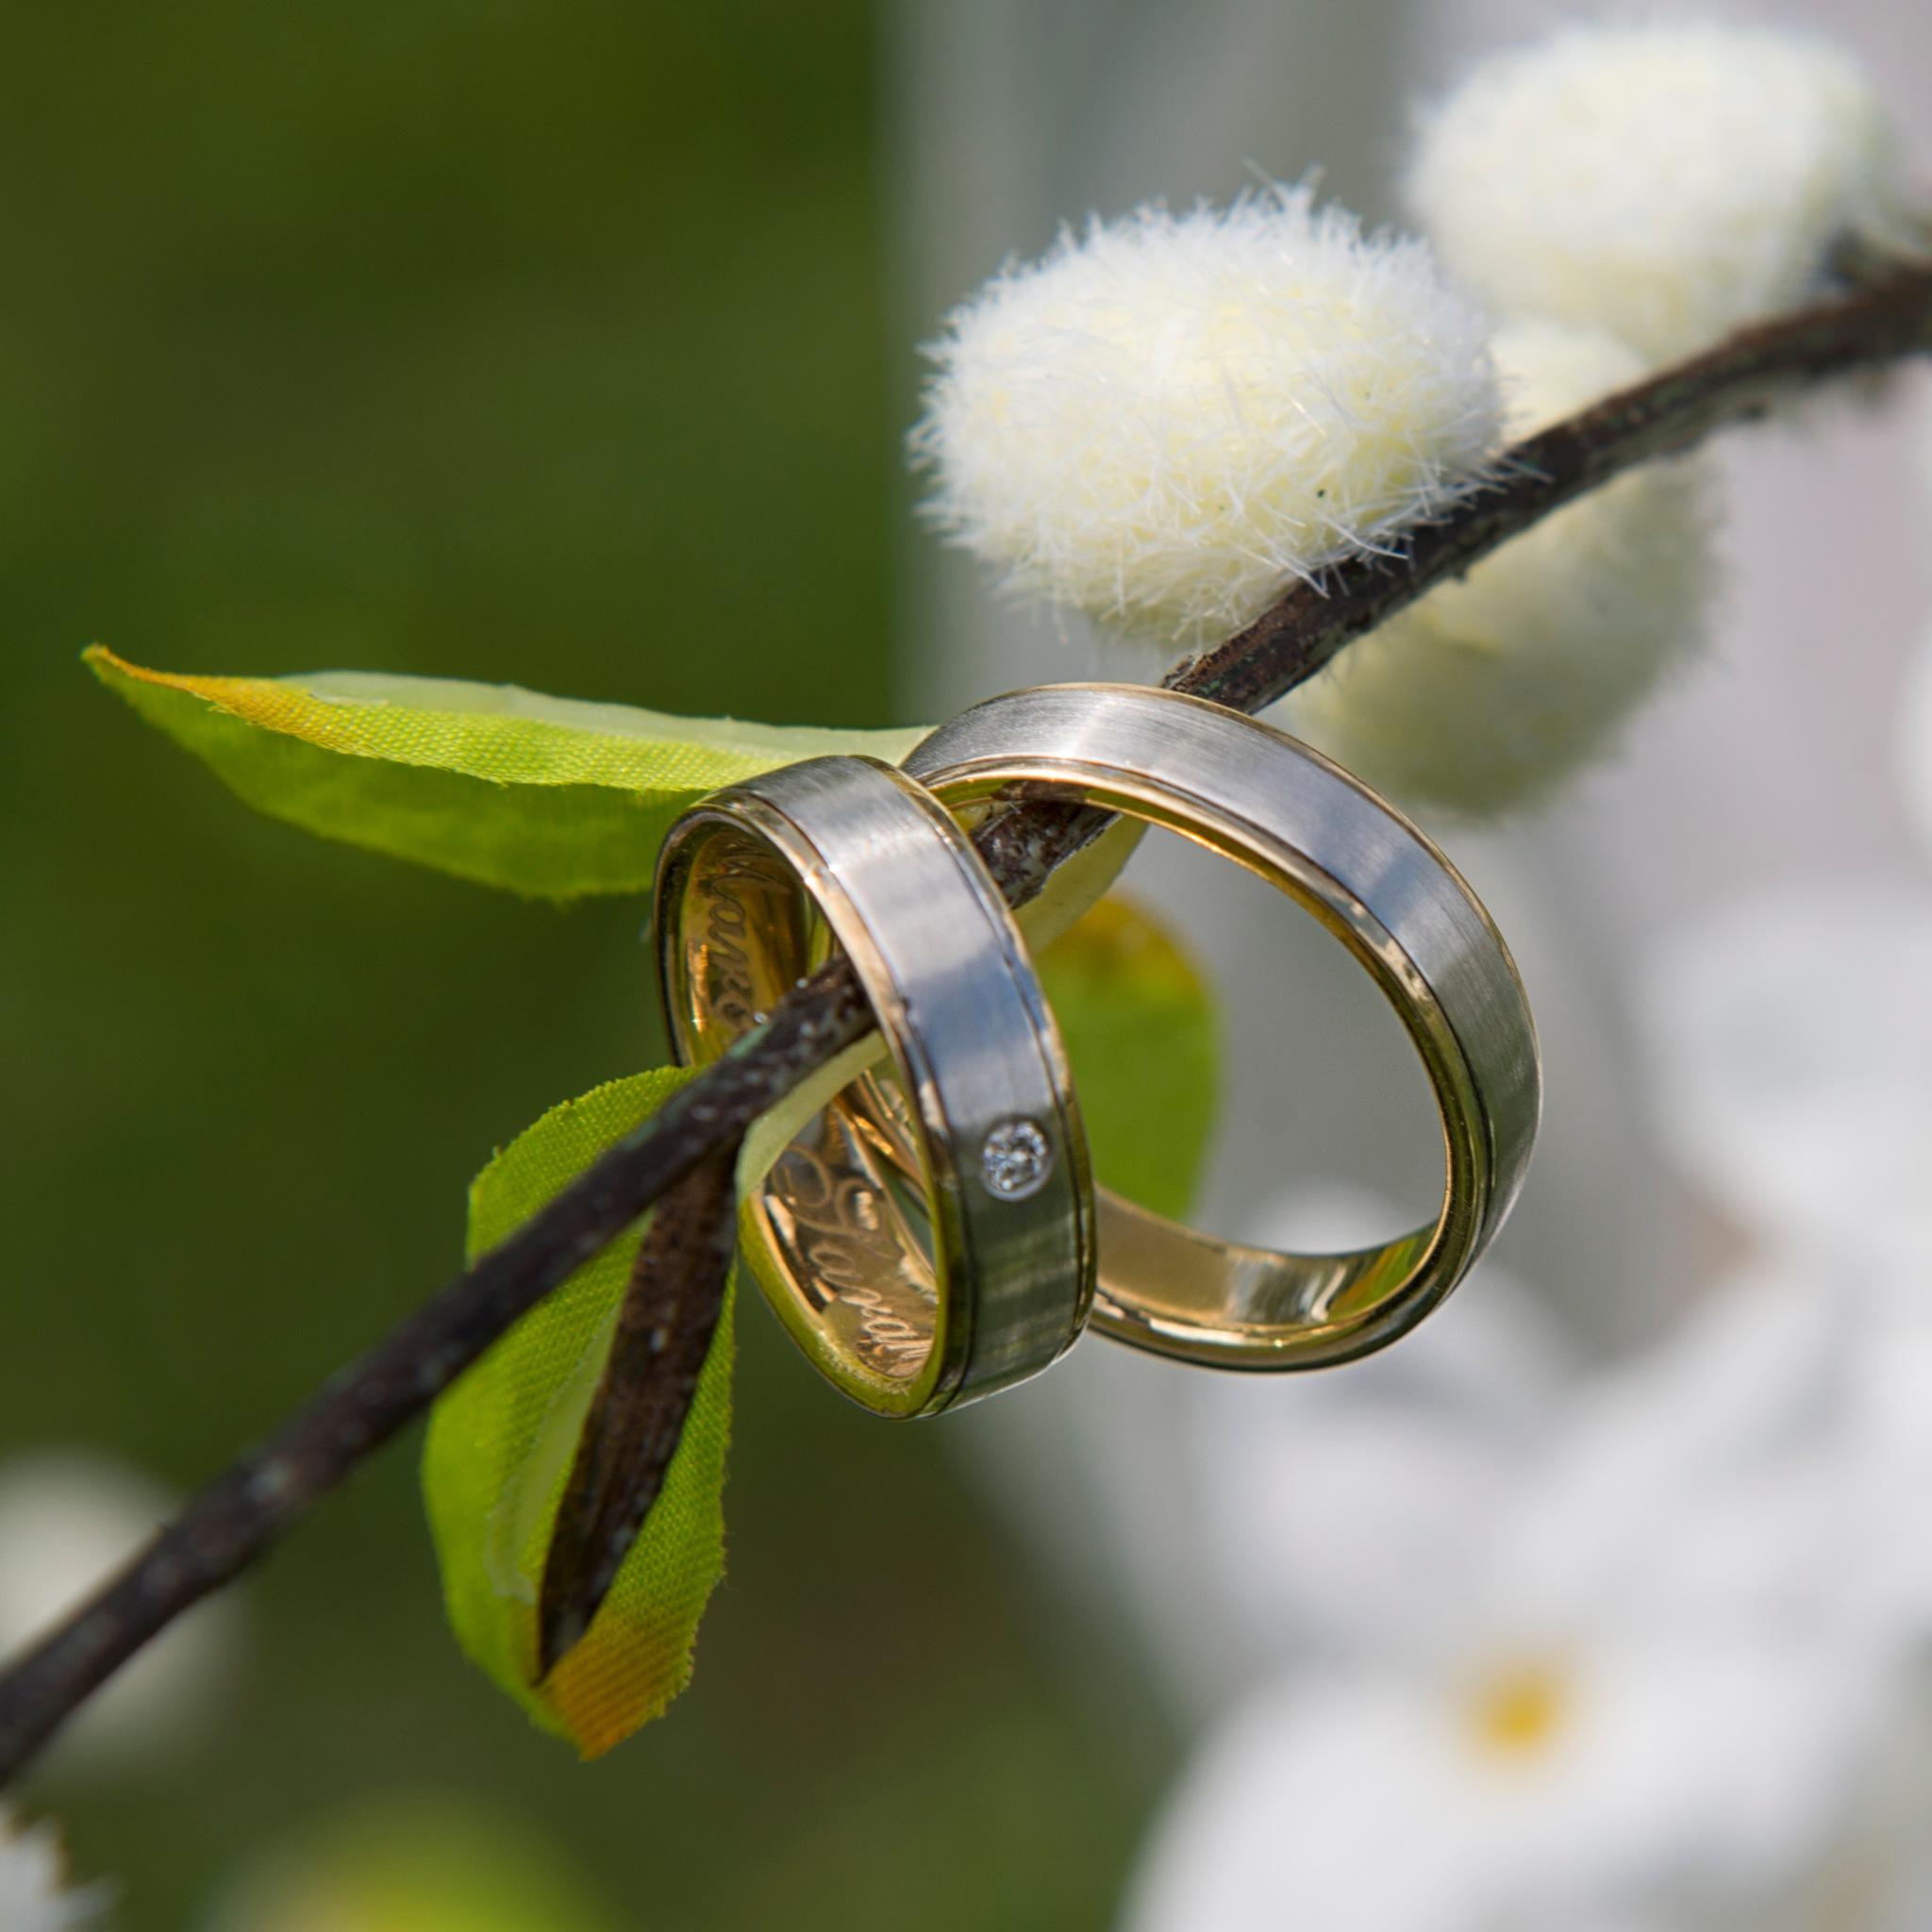 wedding rings by Etienne de Maeyer